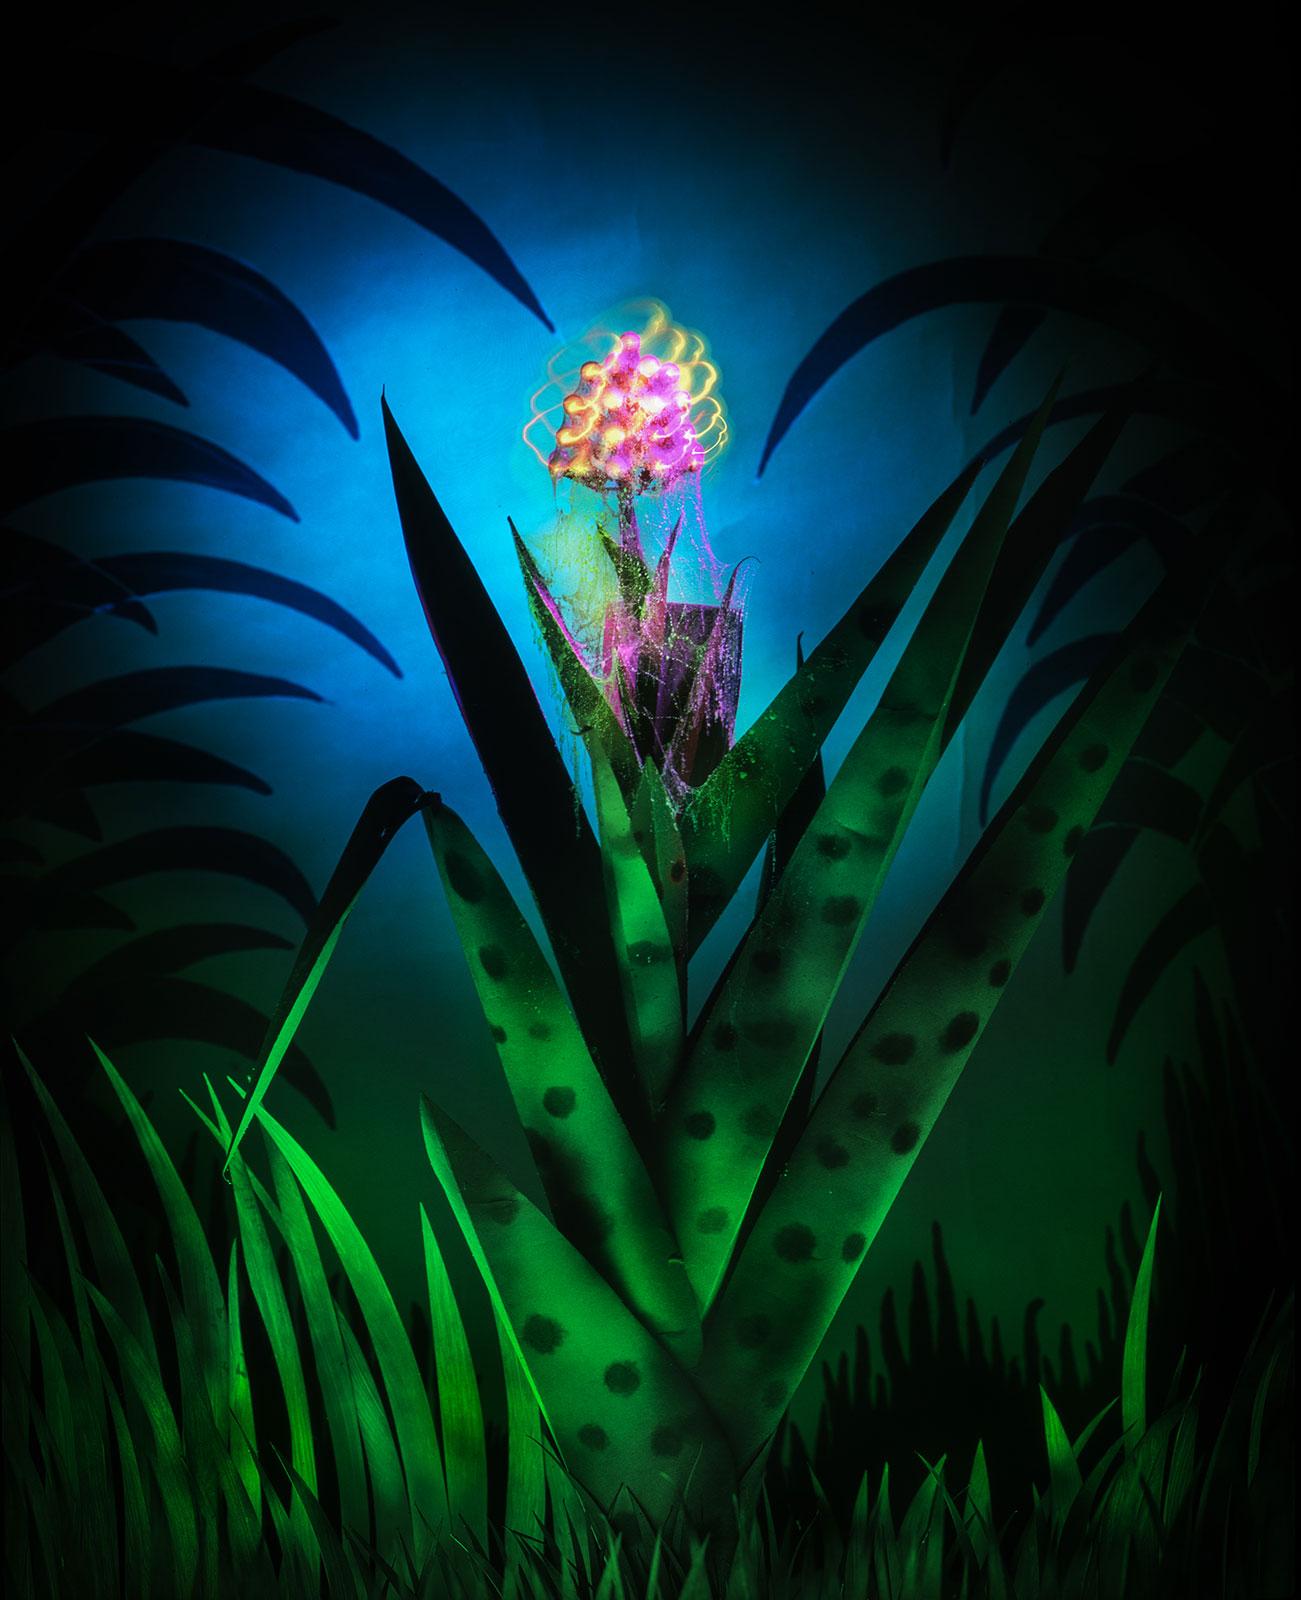 Orchidee, geënsceneerde fotografie van Jan van der Horn